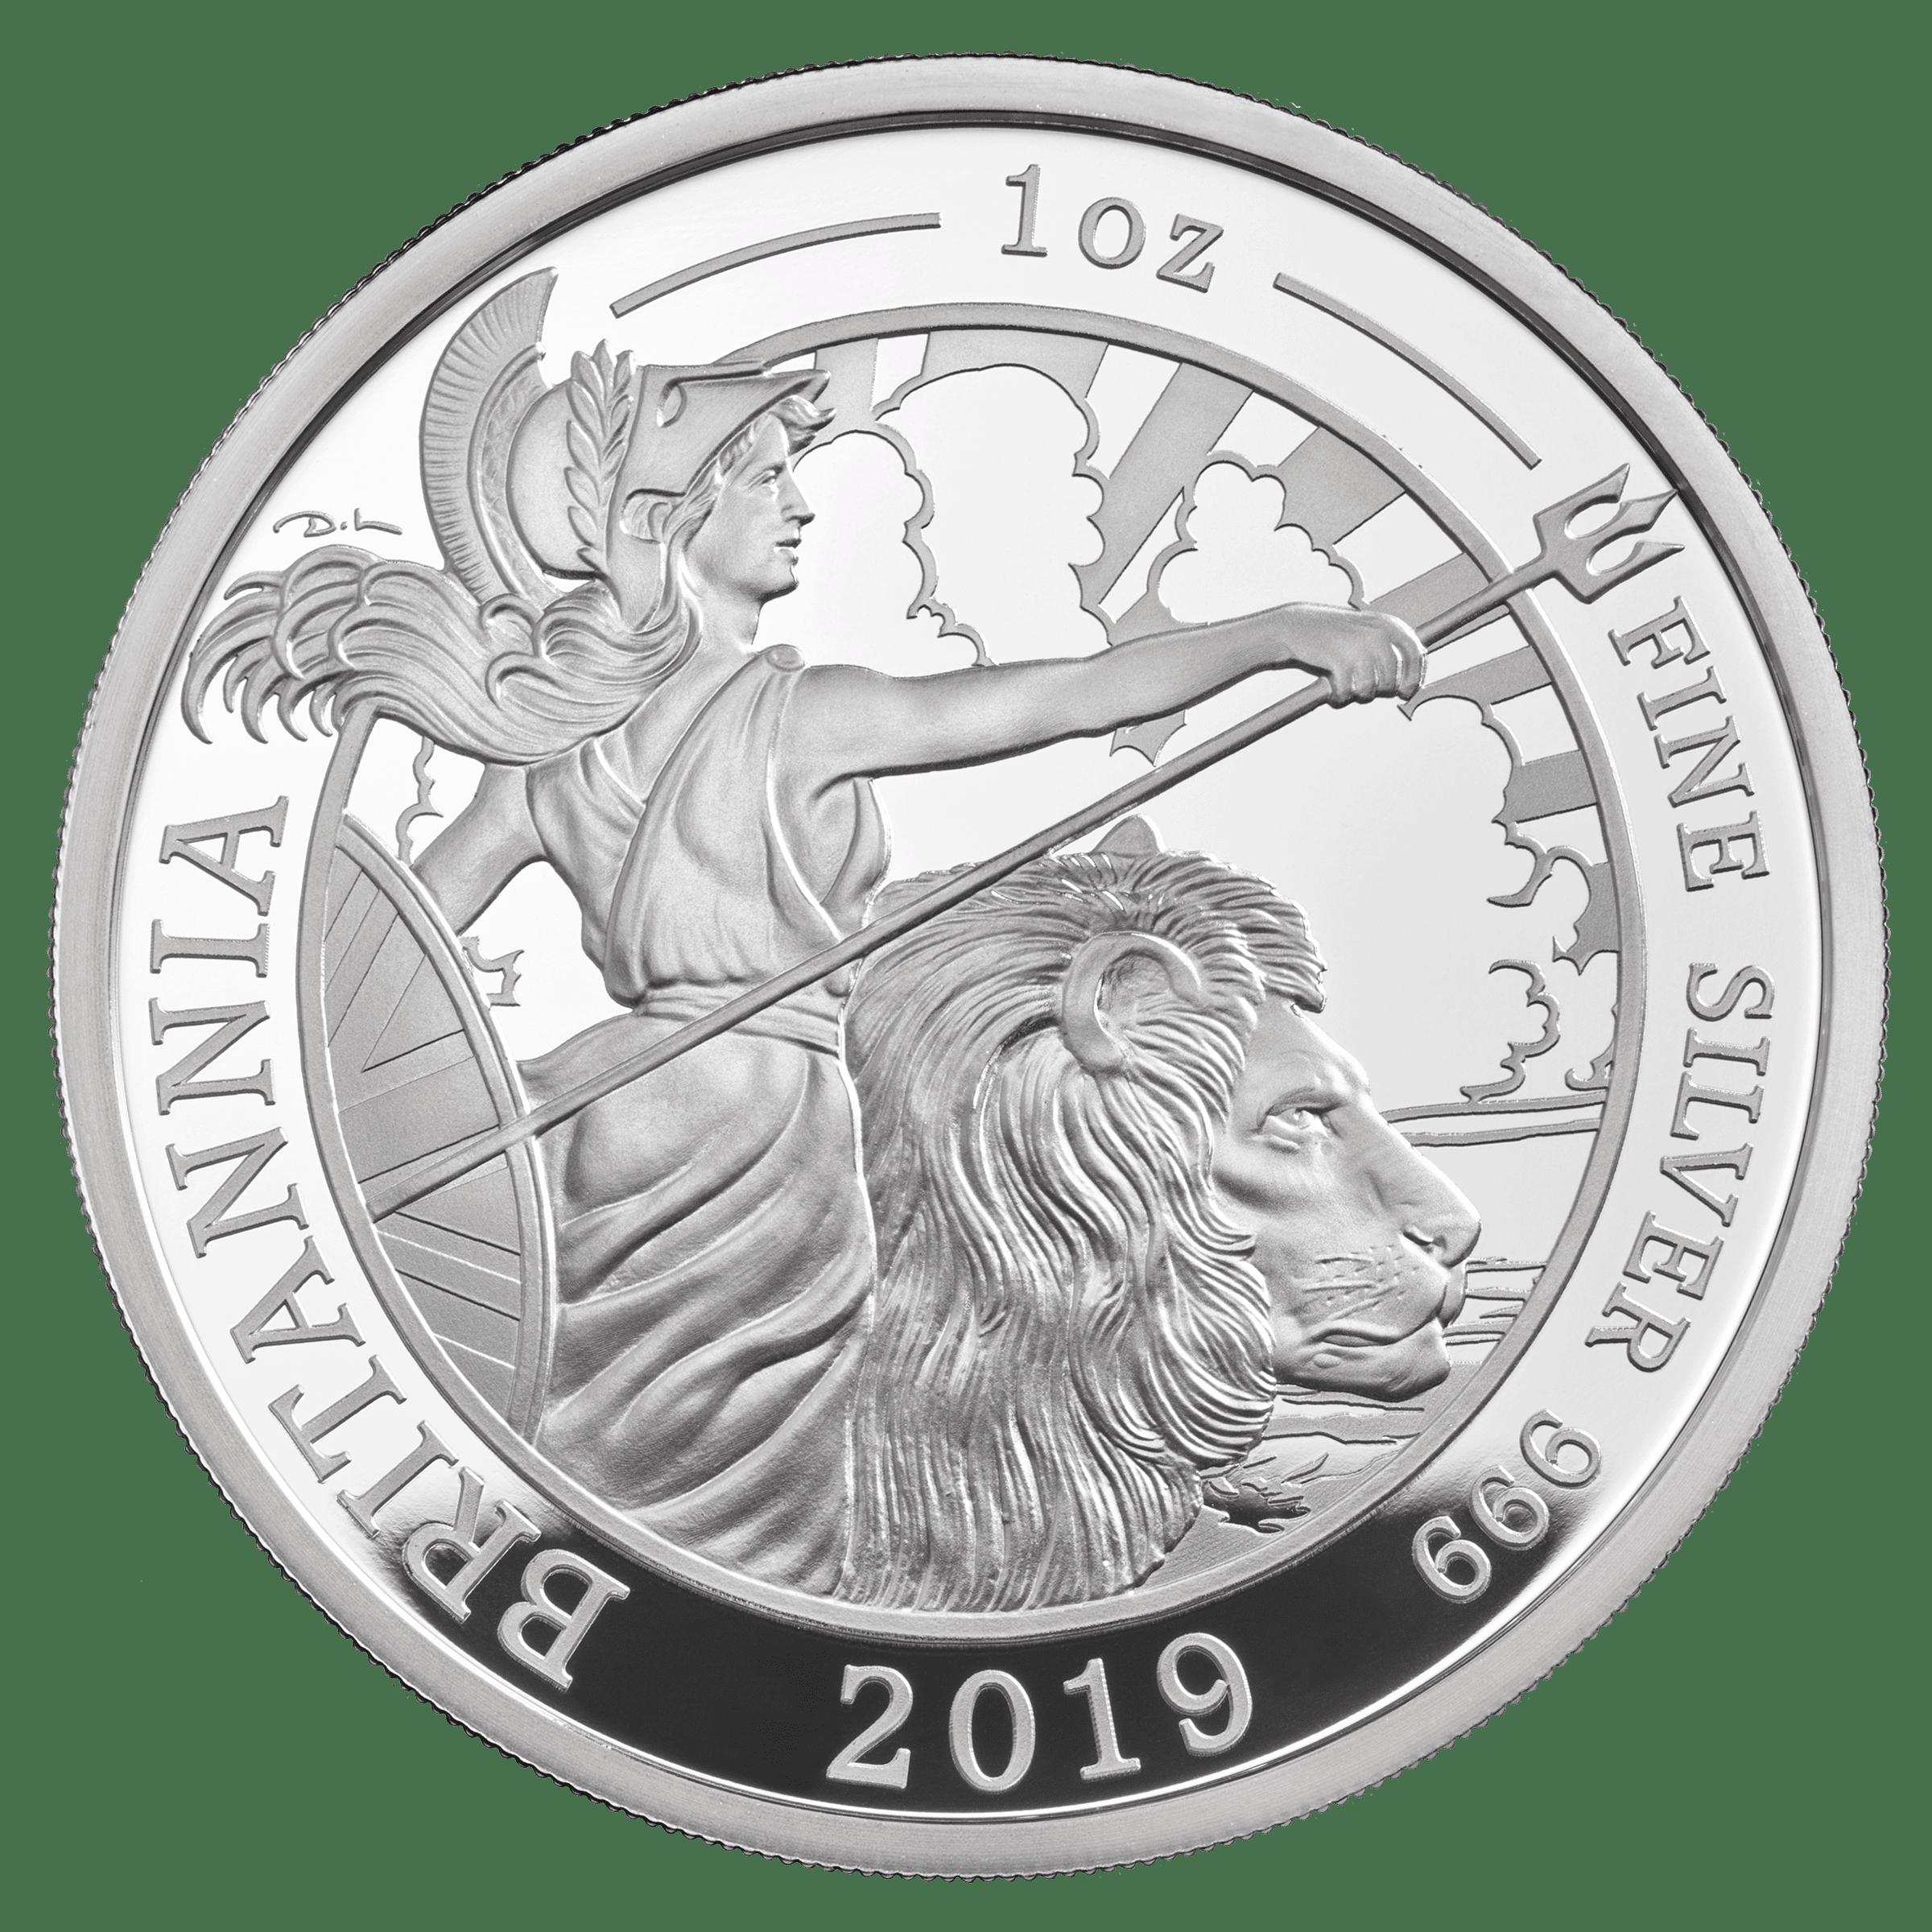 The Britannia 2019 1oz Silver Proof Two Pound 163 2 Coin Box